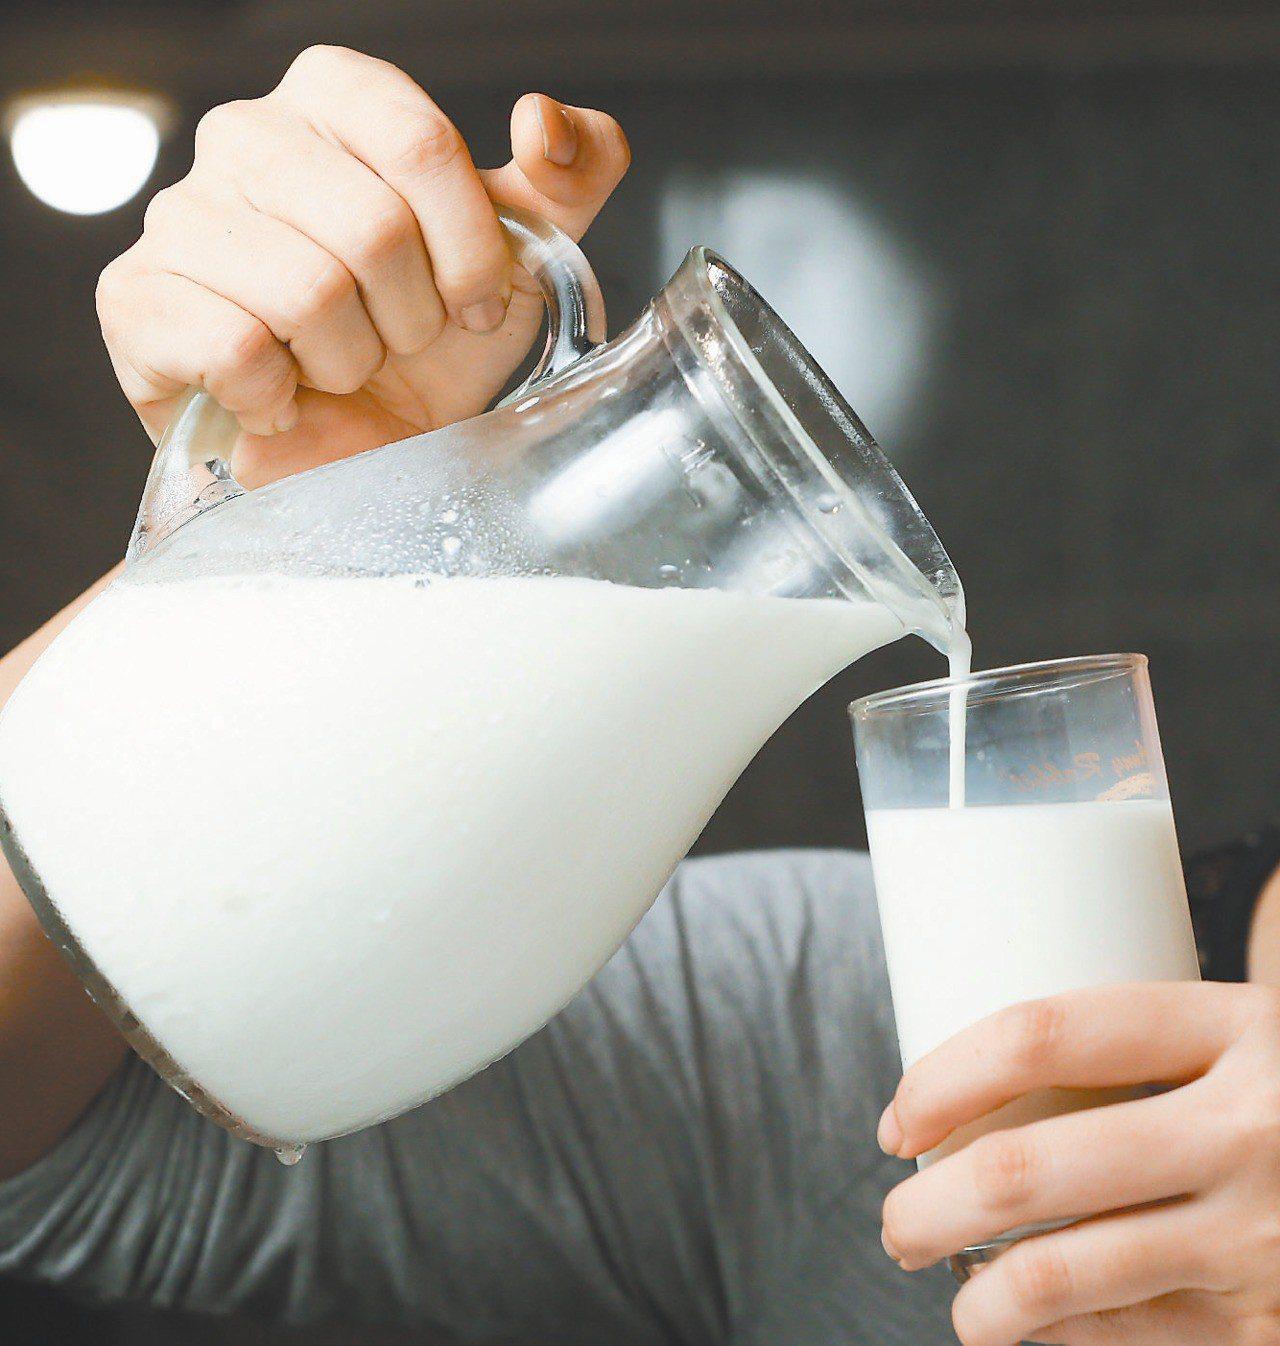 國健署調查,台灣十九至六十四歲成人,九成九每天喝不到建議的乳品量。 圖/聯合報系...